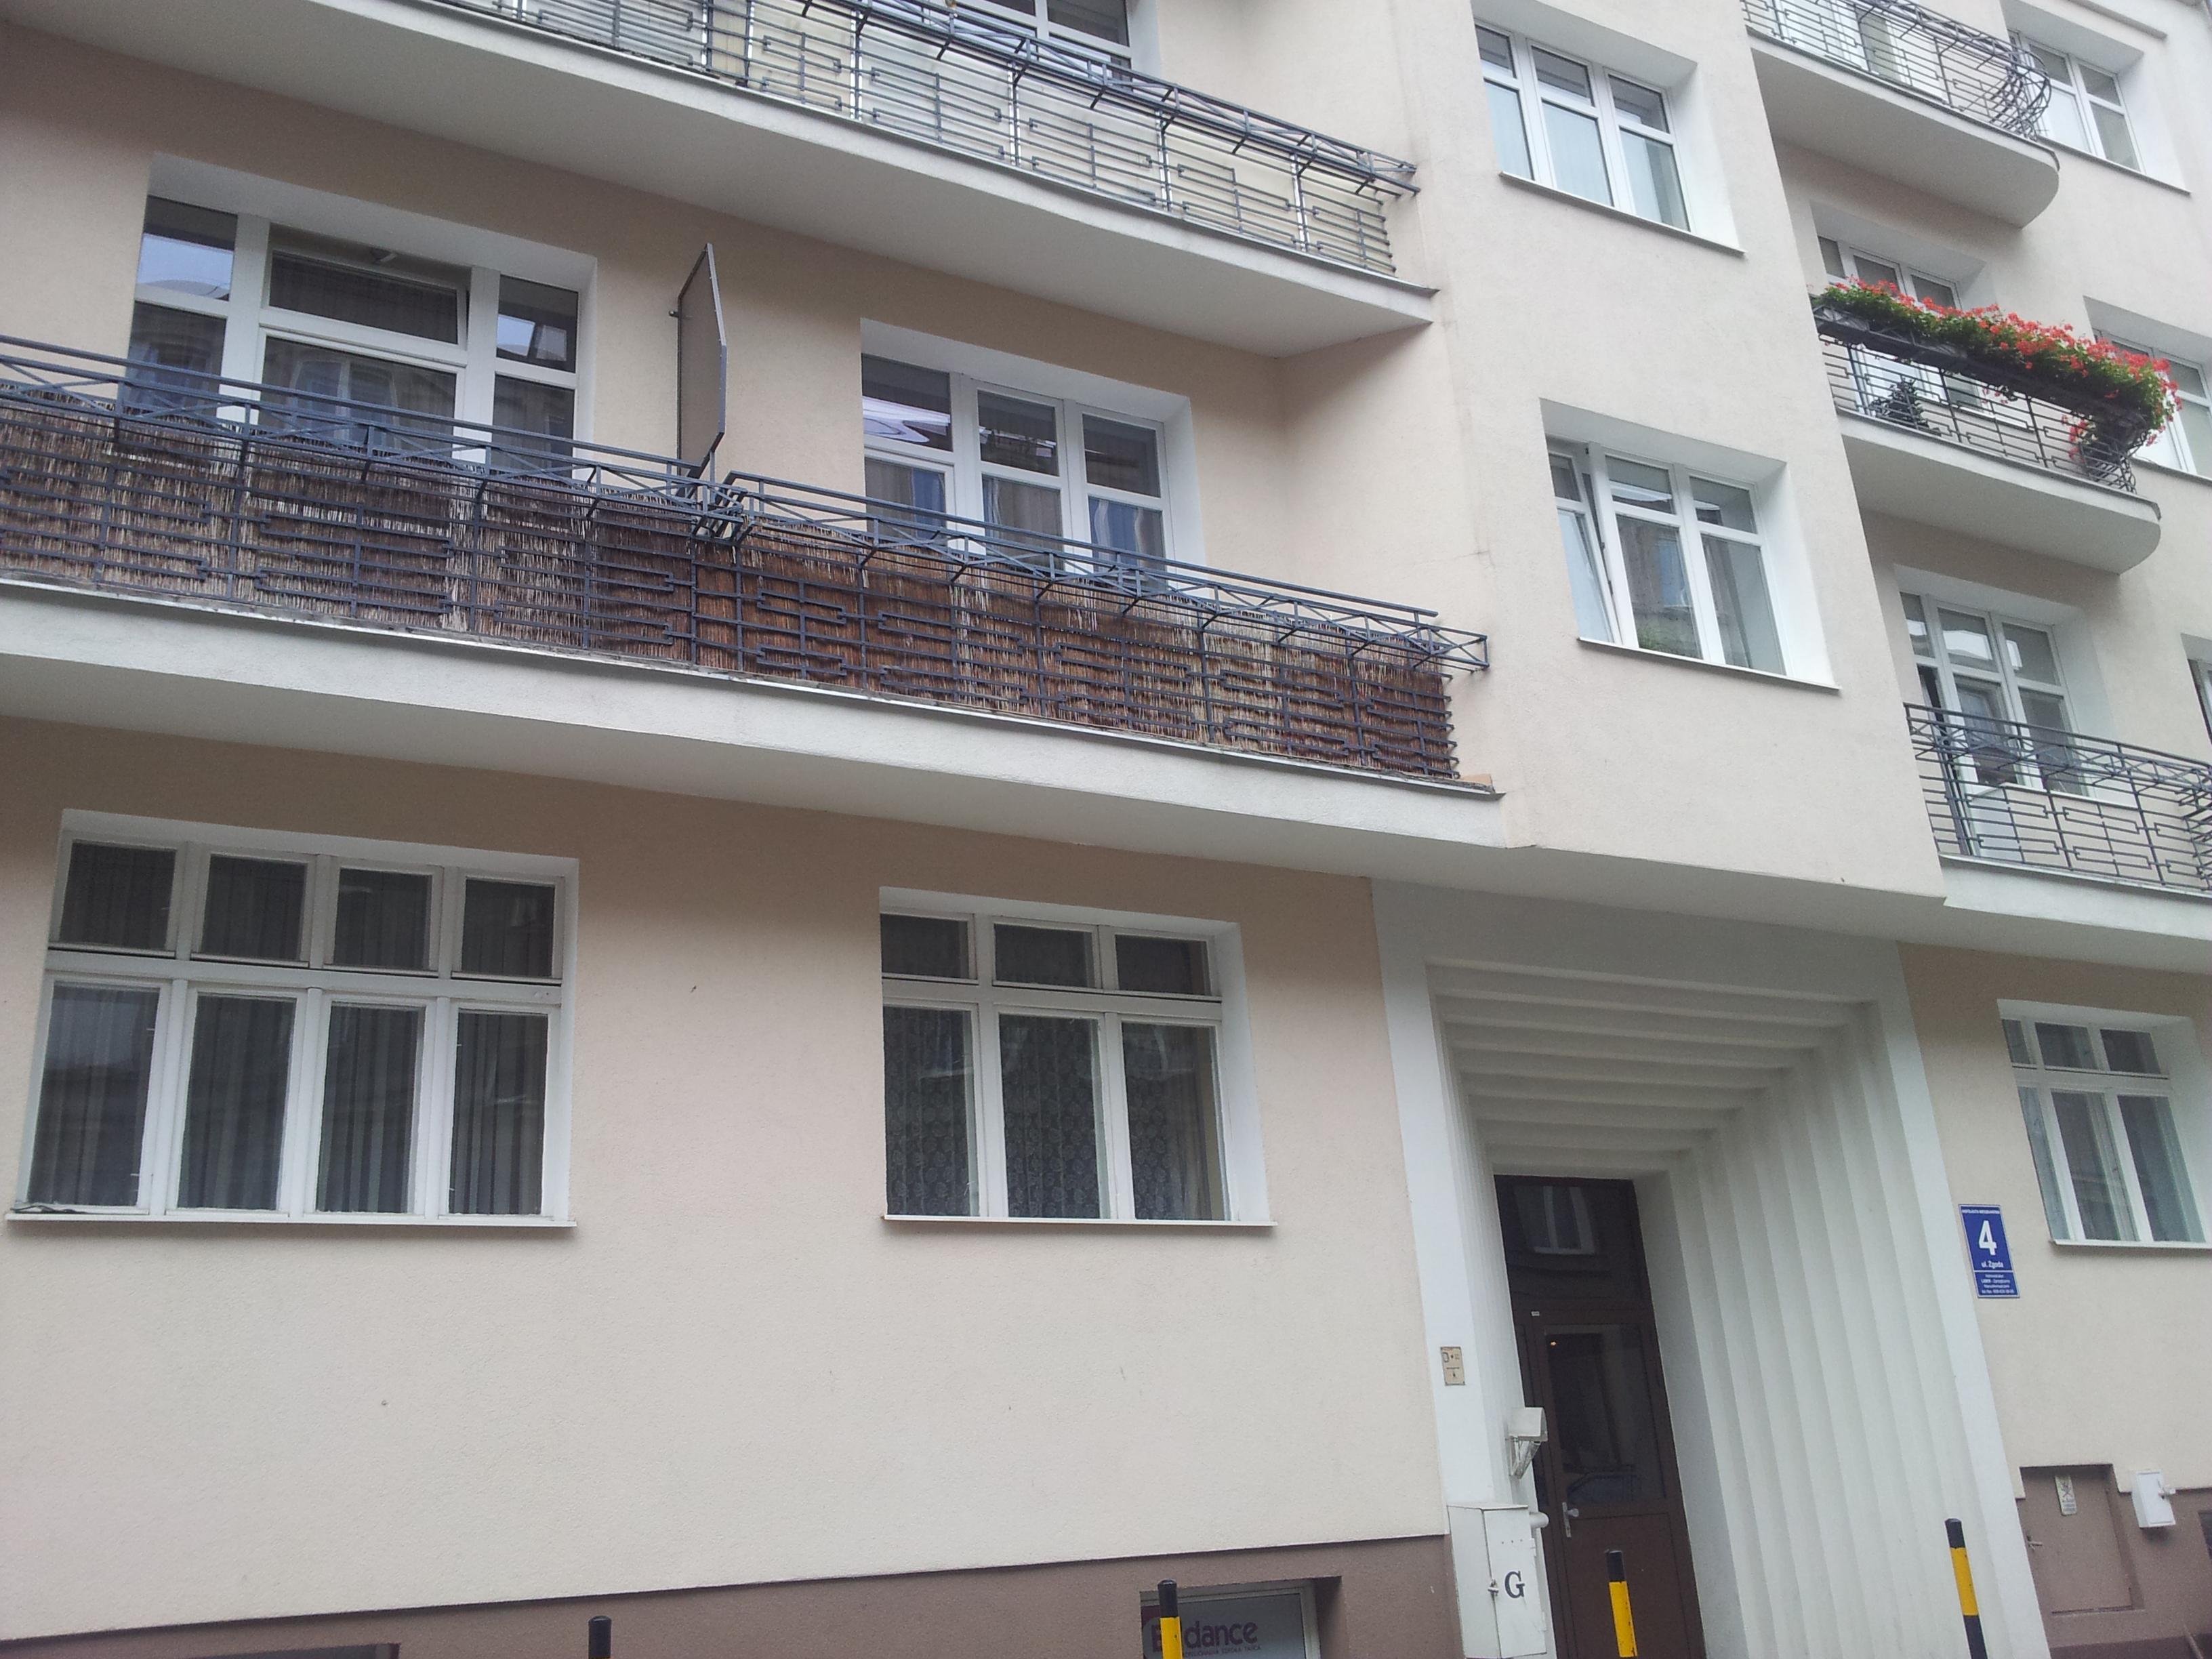 Kamienica przy ul. Zgoda 4 / Fot. A.Sadowska